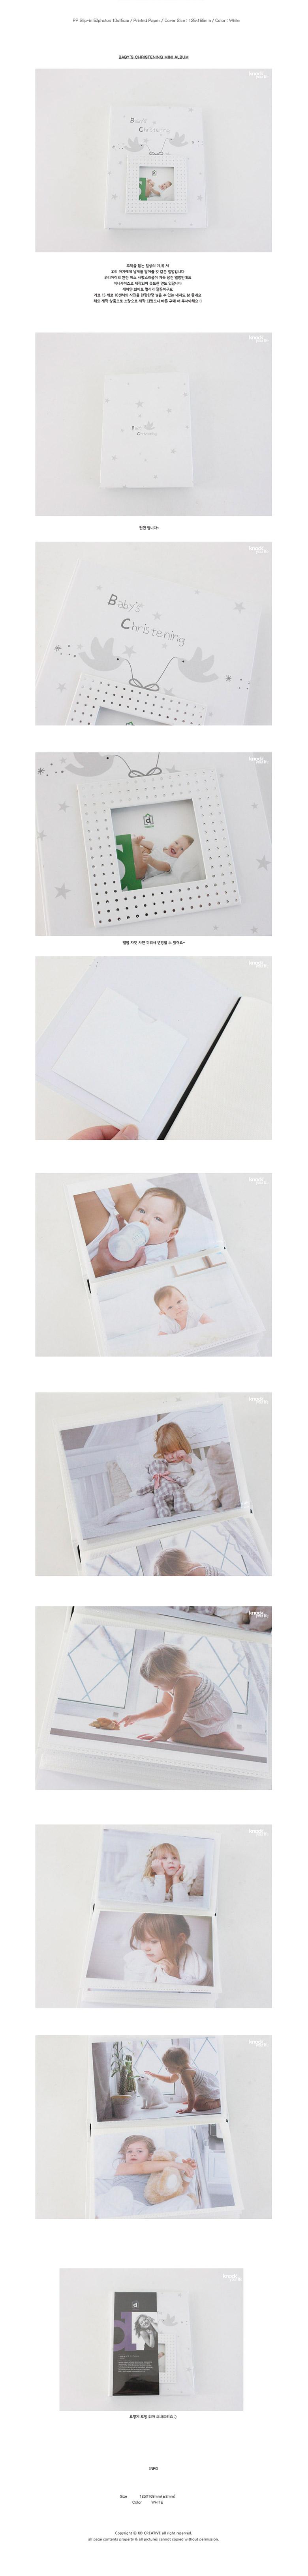 베이비 아기천사 포토북 포토앨범 성장앨범 아기앨범 12x16cm (4x6/포켓식) - 디자인에버, 3,000원, 포켓앨범, 심플